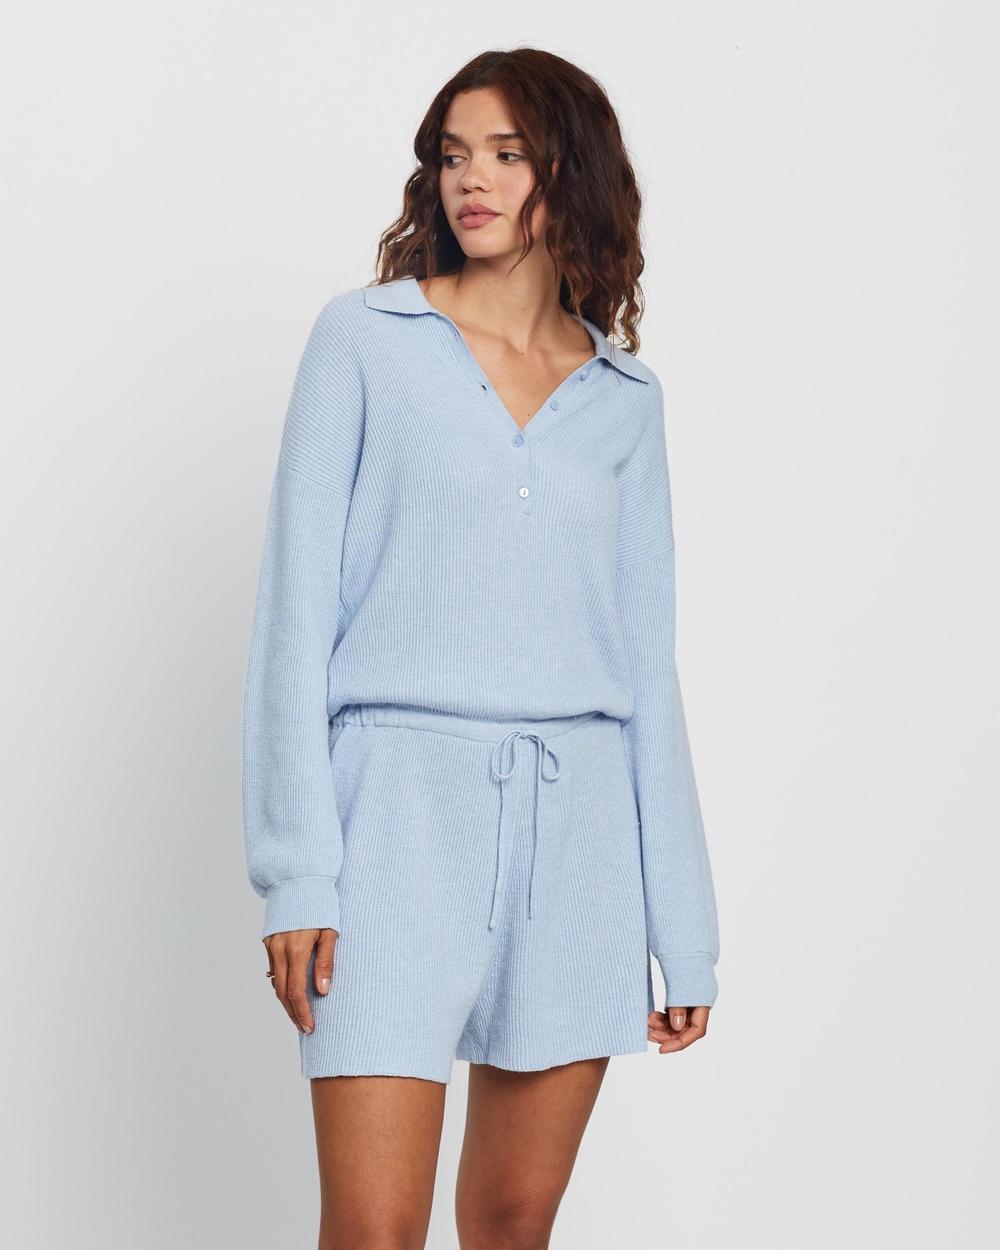 AERE Organic Cotton & Cashmere Knit Playsuit Jumpsuits Playsuits Sky Line